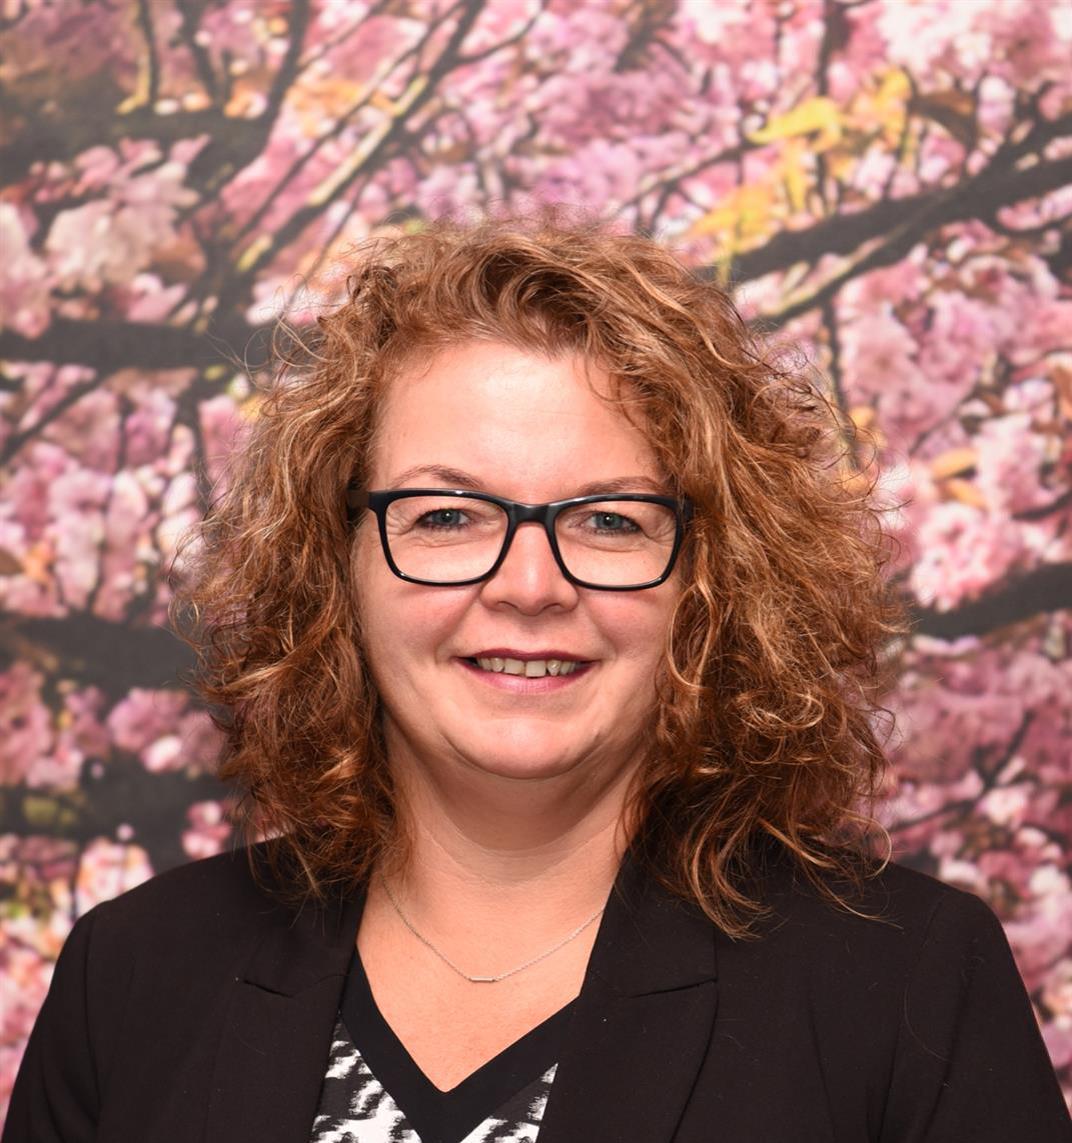 Esther Vieveen-uitvaartverzorger bij uitvaart dordrecht